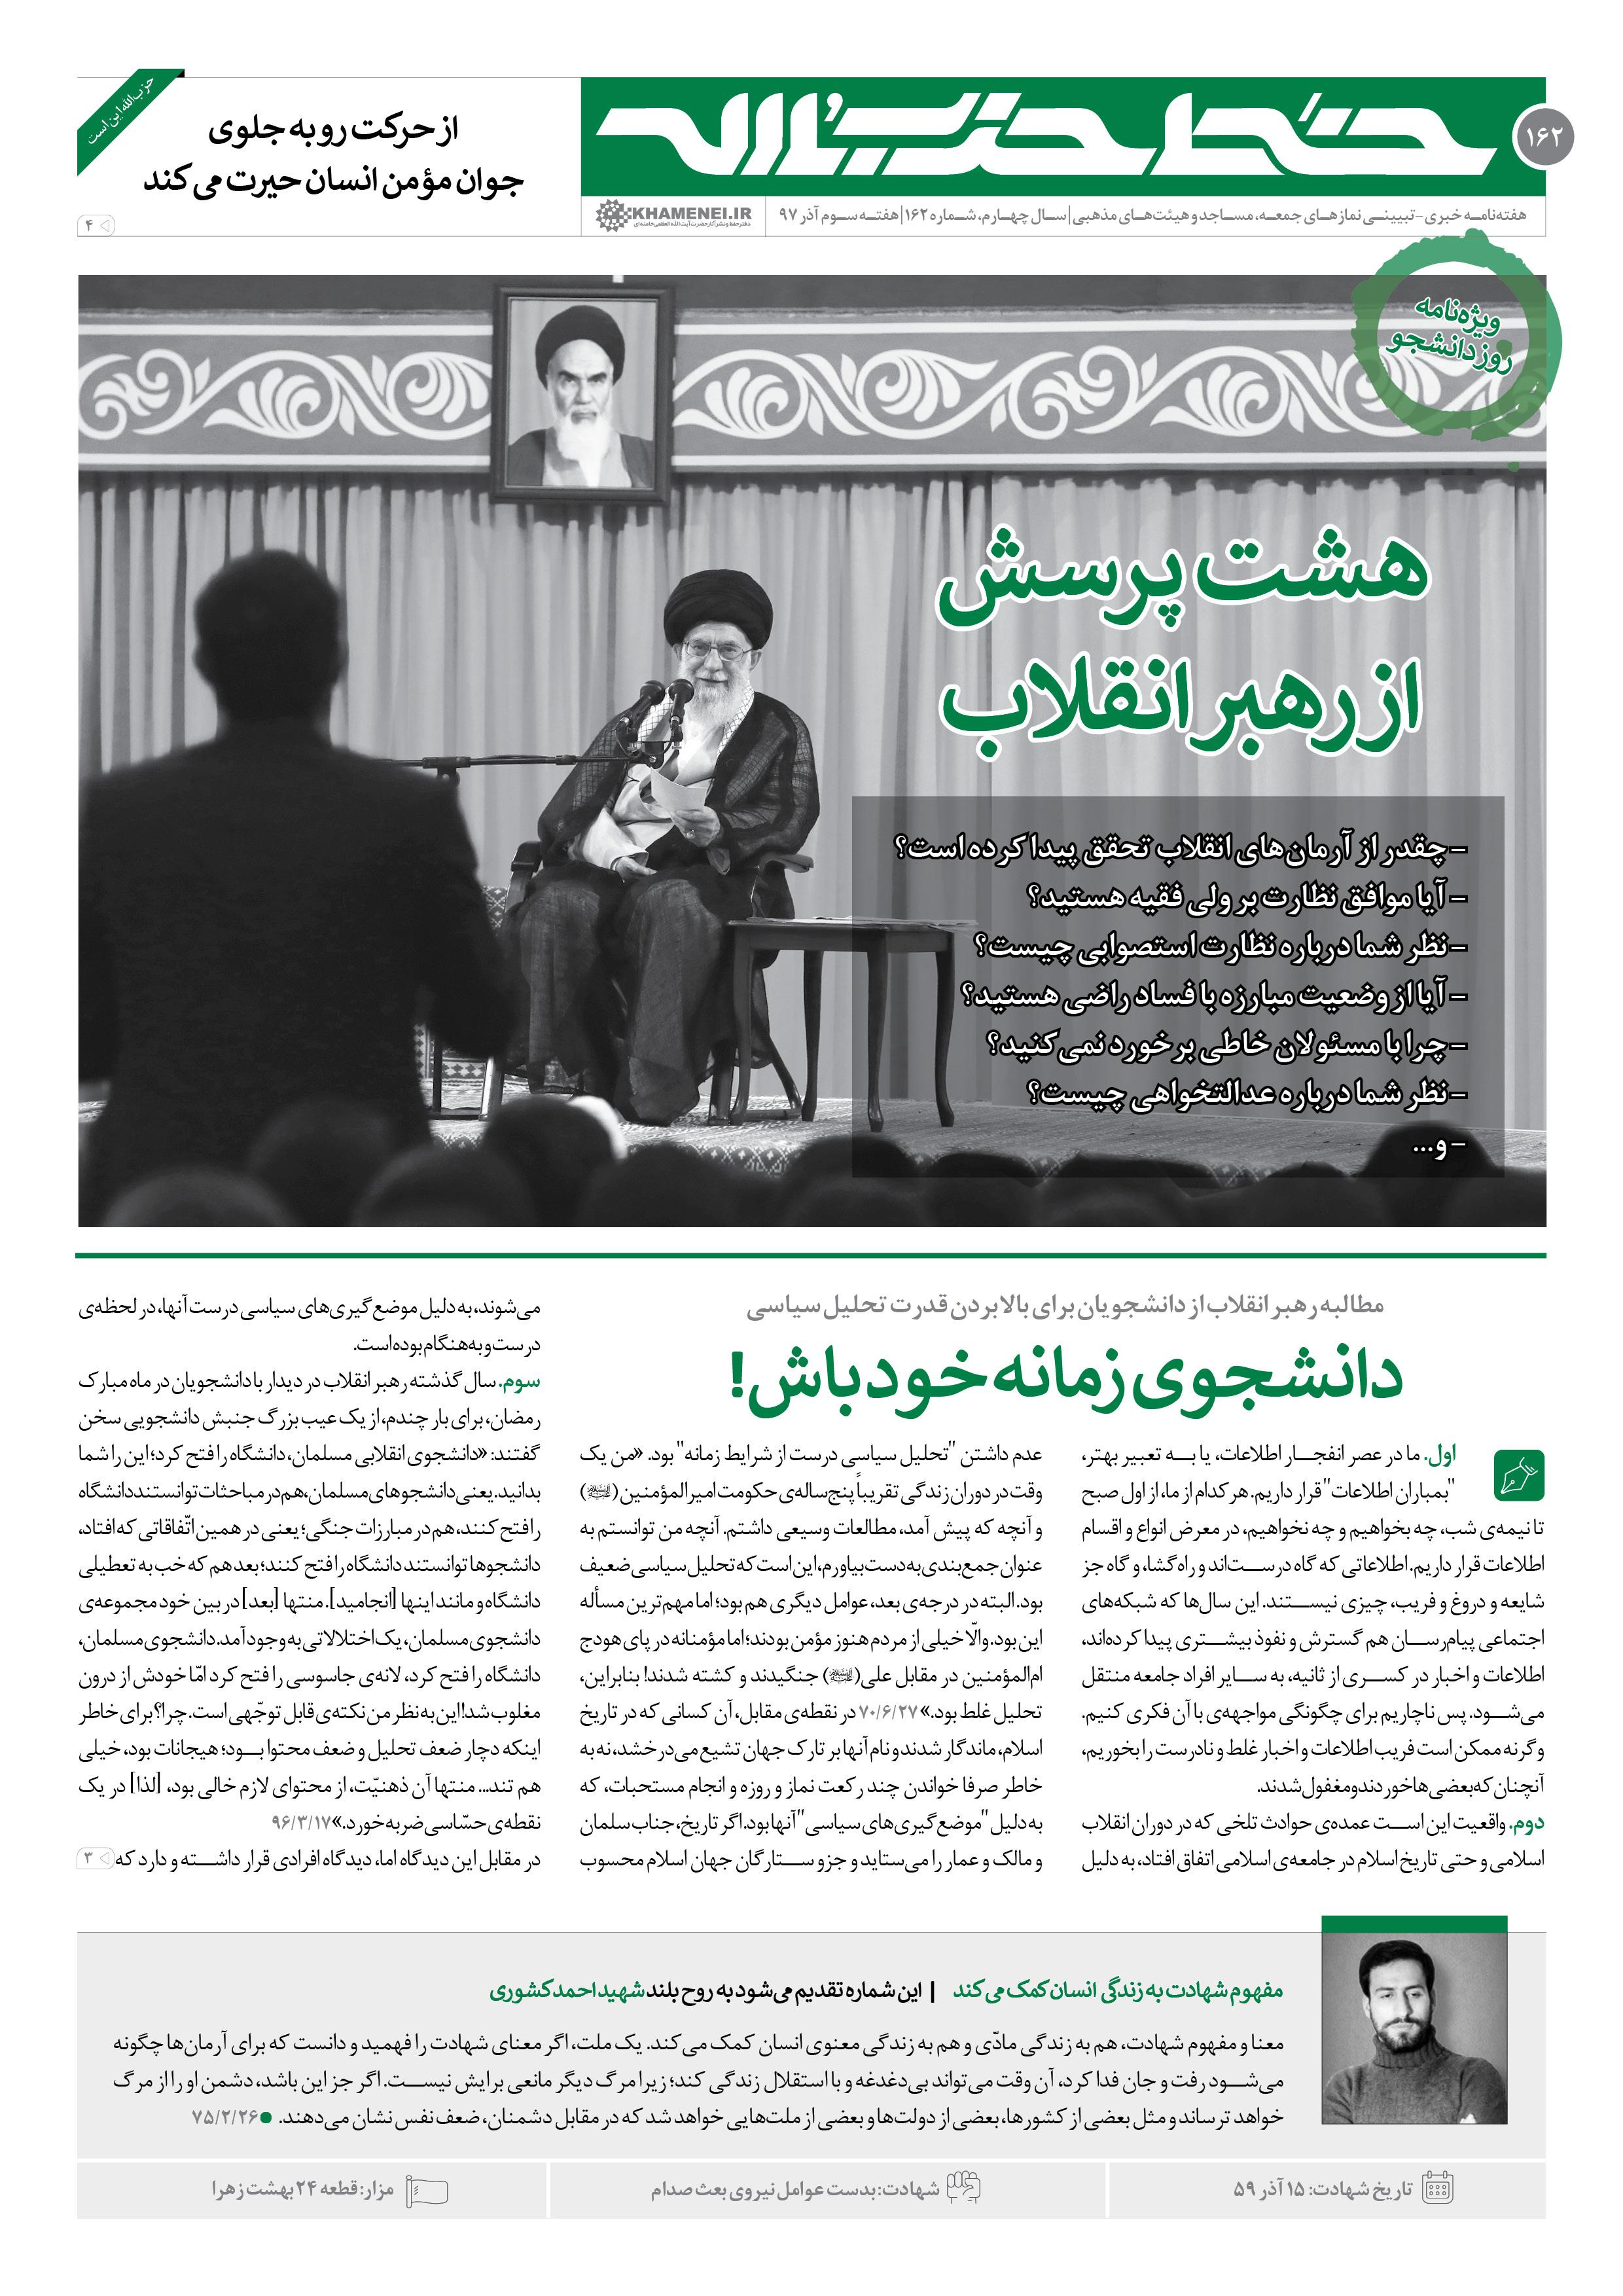 خط حزبالله ۱۶۲ | هشت پرسش از رهبر انقلاب